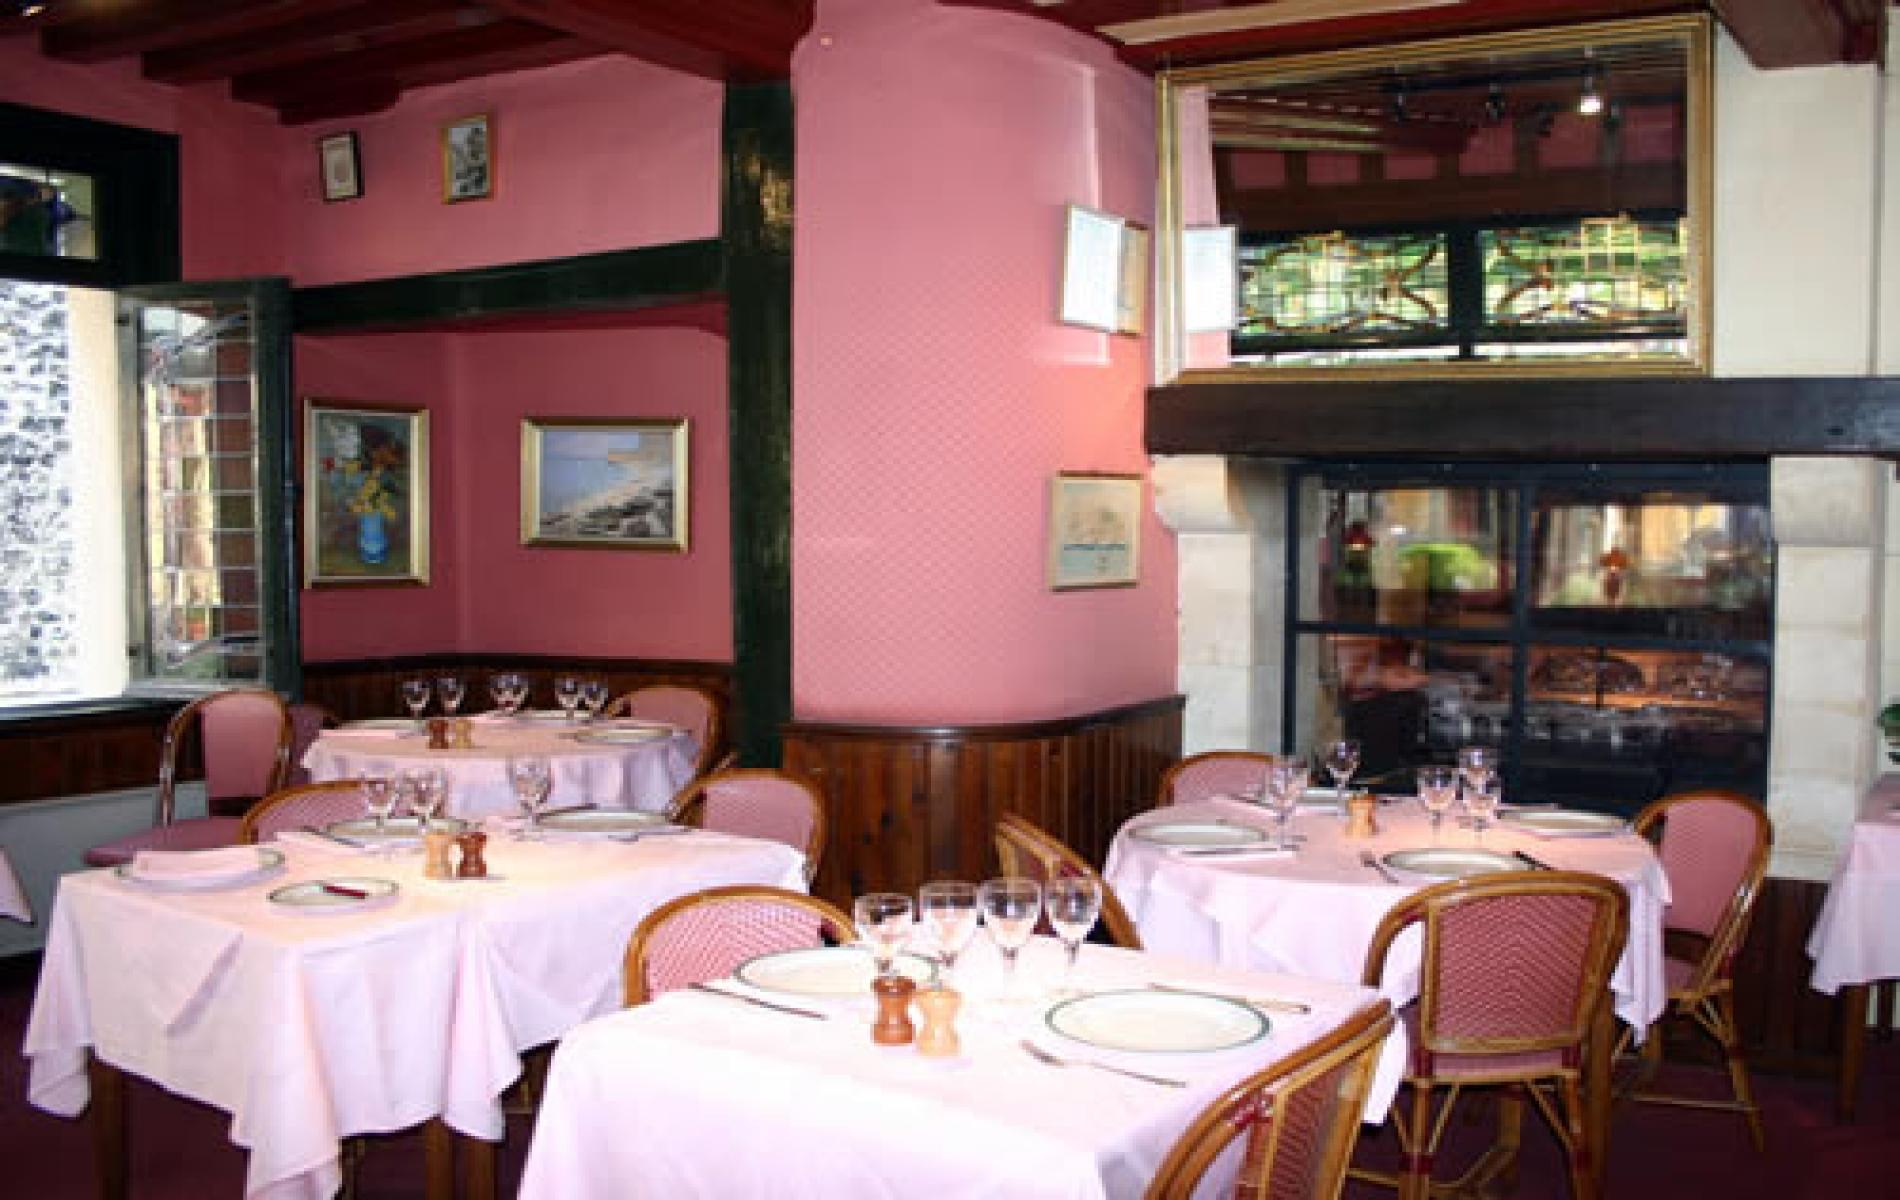 La salle du restaurant, la cheminée